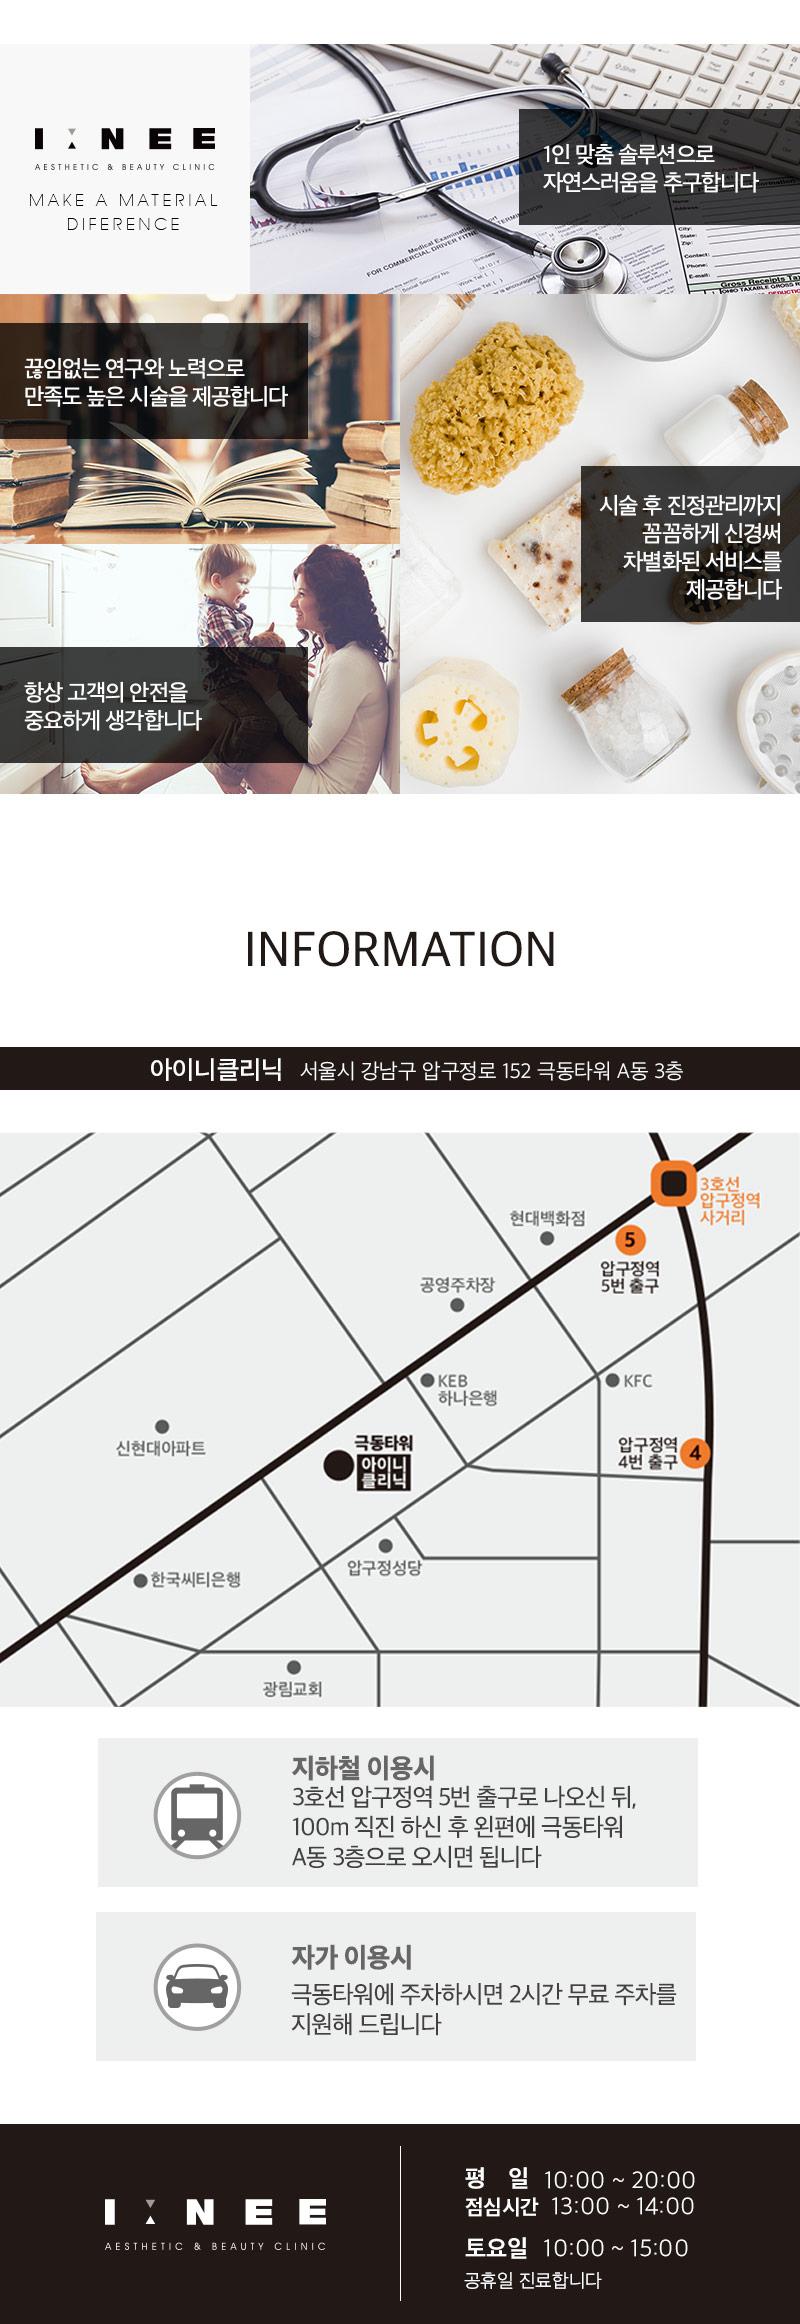 D event info 46372082683ff8ef19